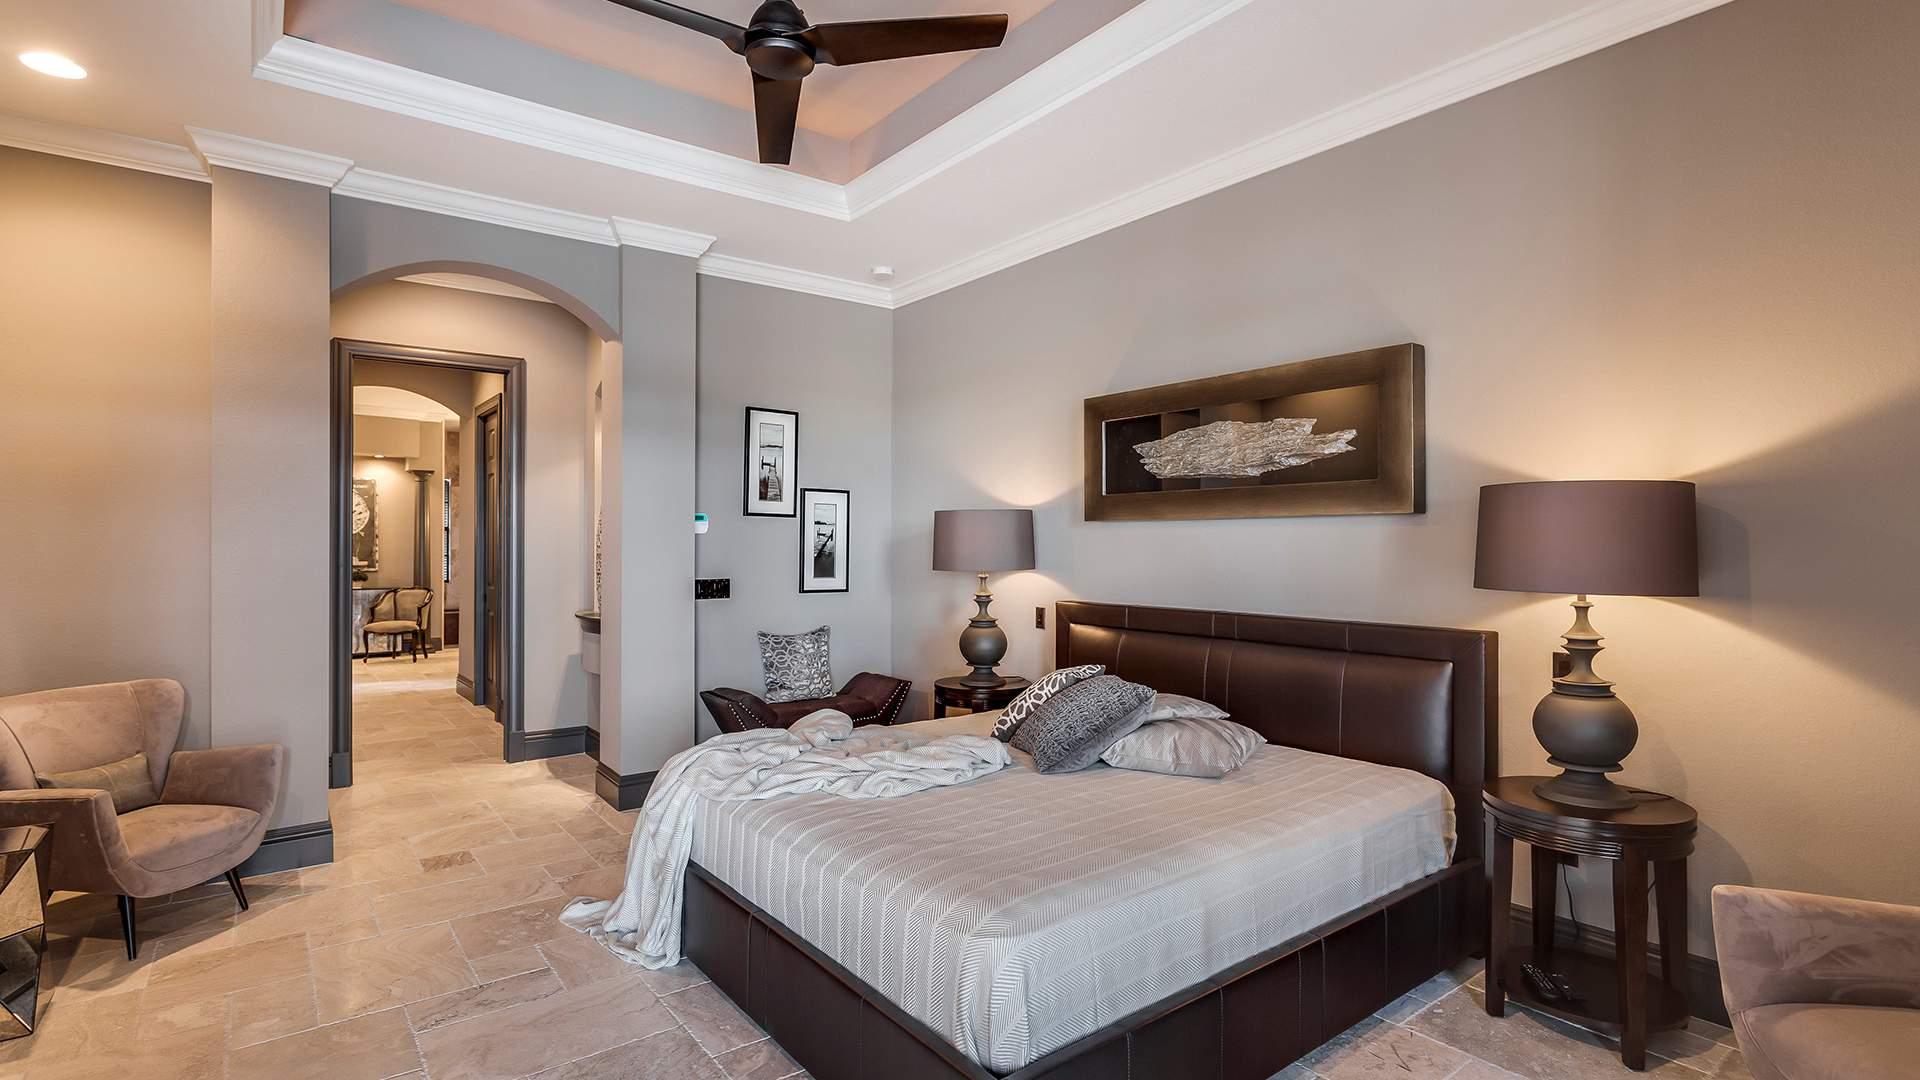 bettgestell landhausstil. Black Bedroom Furniture Sets. Home Design Ideas